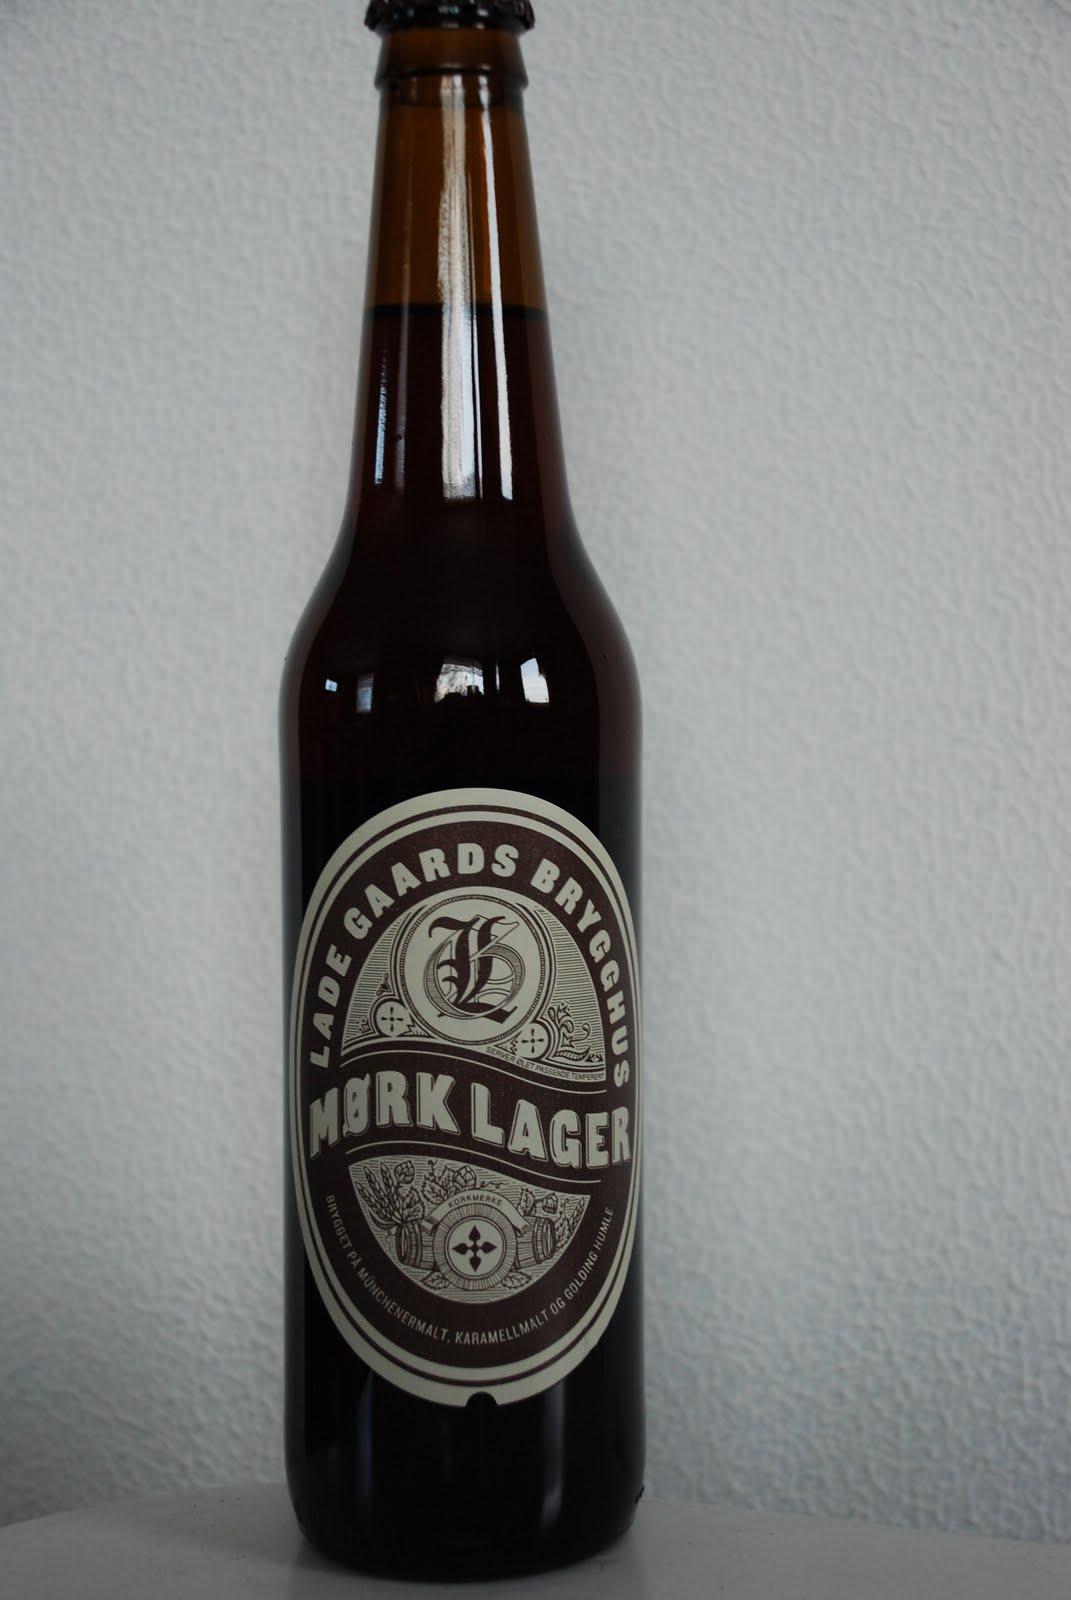 d2a046db Mørk Lager fra Lade Gaard Bryggeri har en kosefaktor på 4,7%, og har en fin  mørk farge. Det er lite lukt av brygget, og det er et friskt øl med akkurat  ...